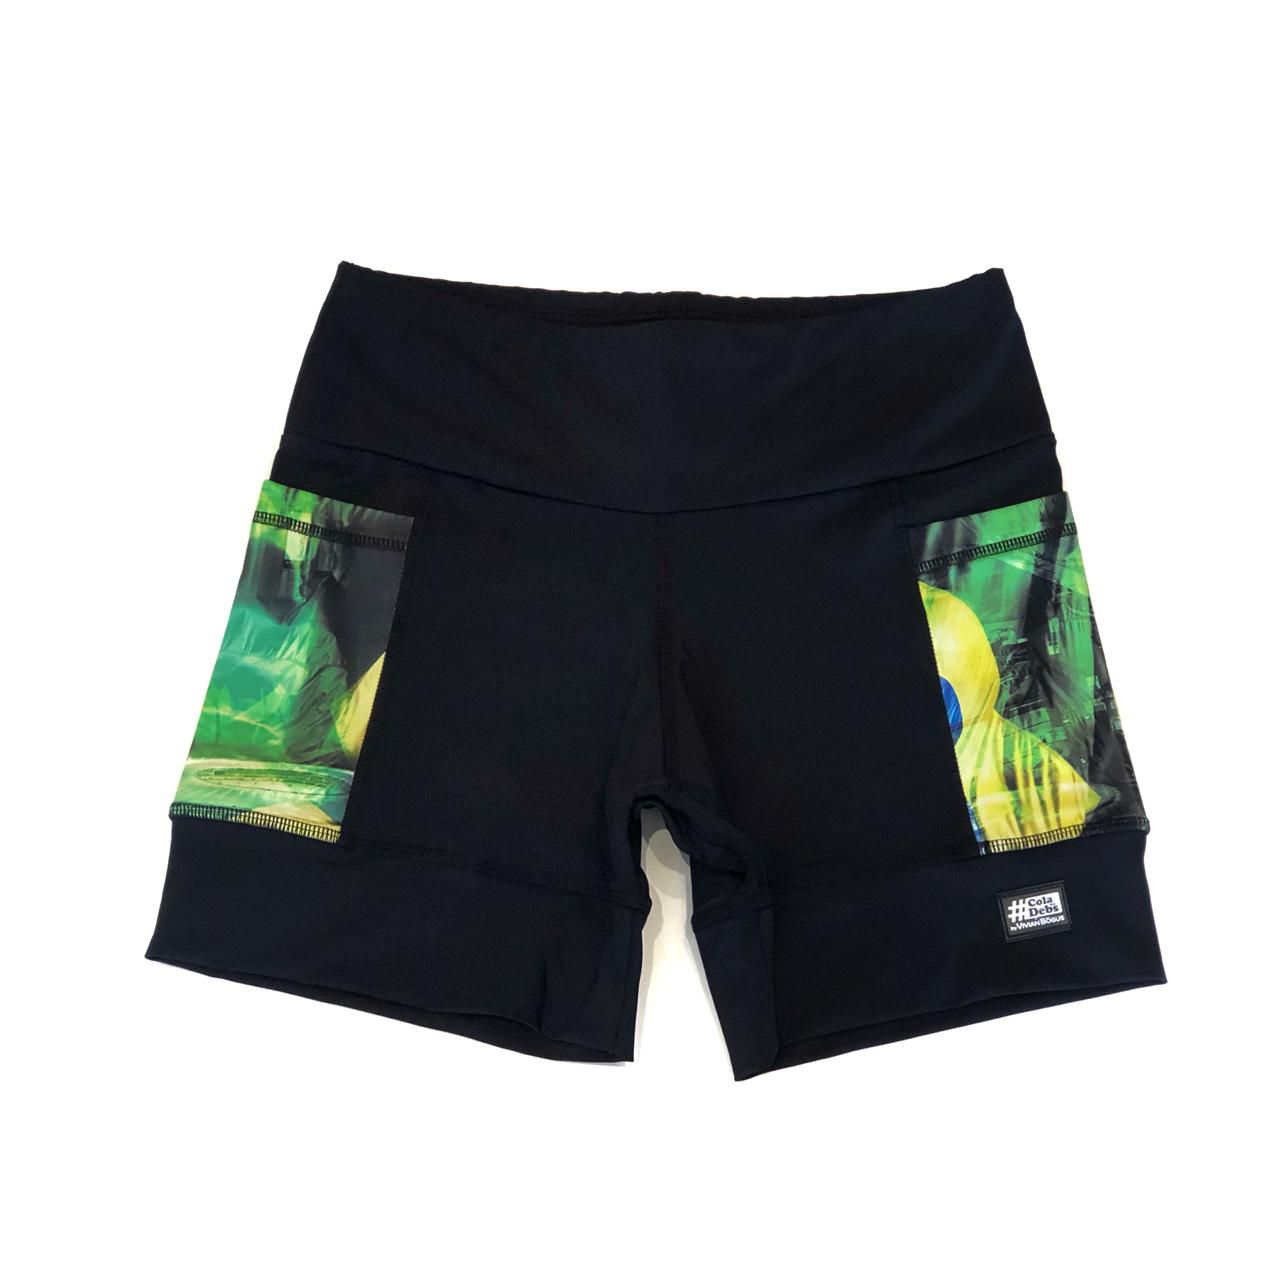 Shorts de compressão 2 bolsos Square em sportiva preto bolso Brasil  - Vivian Bógus